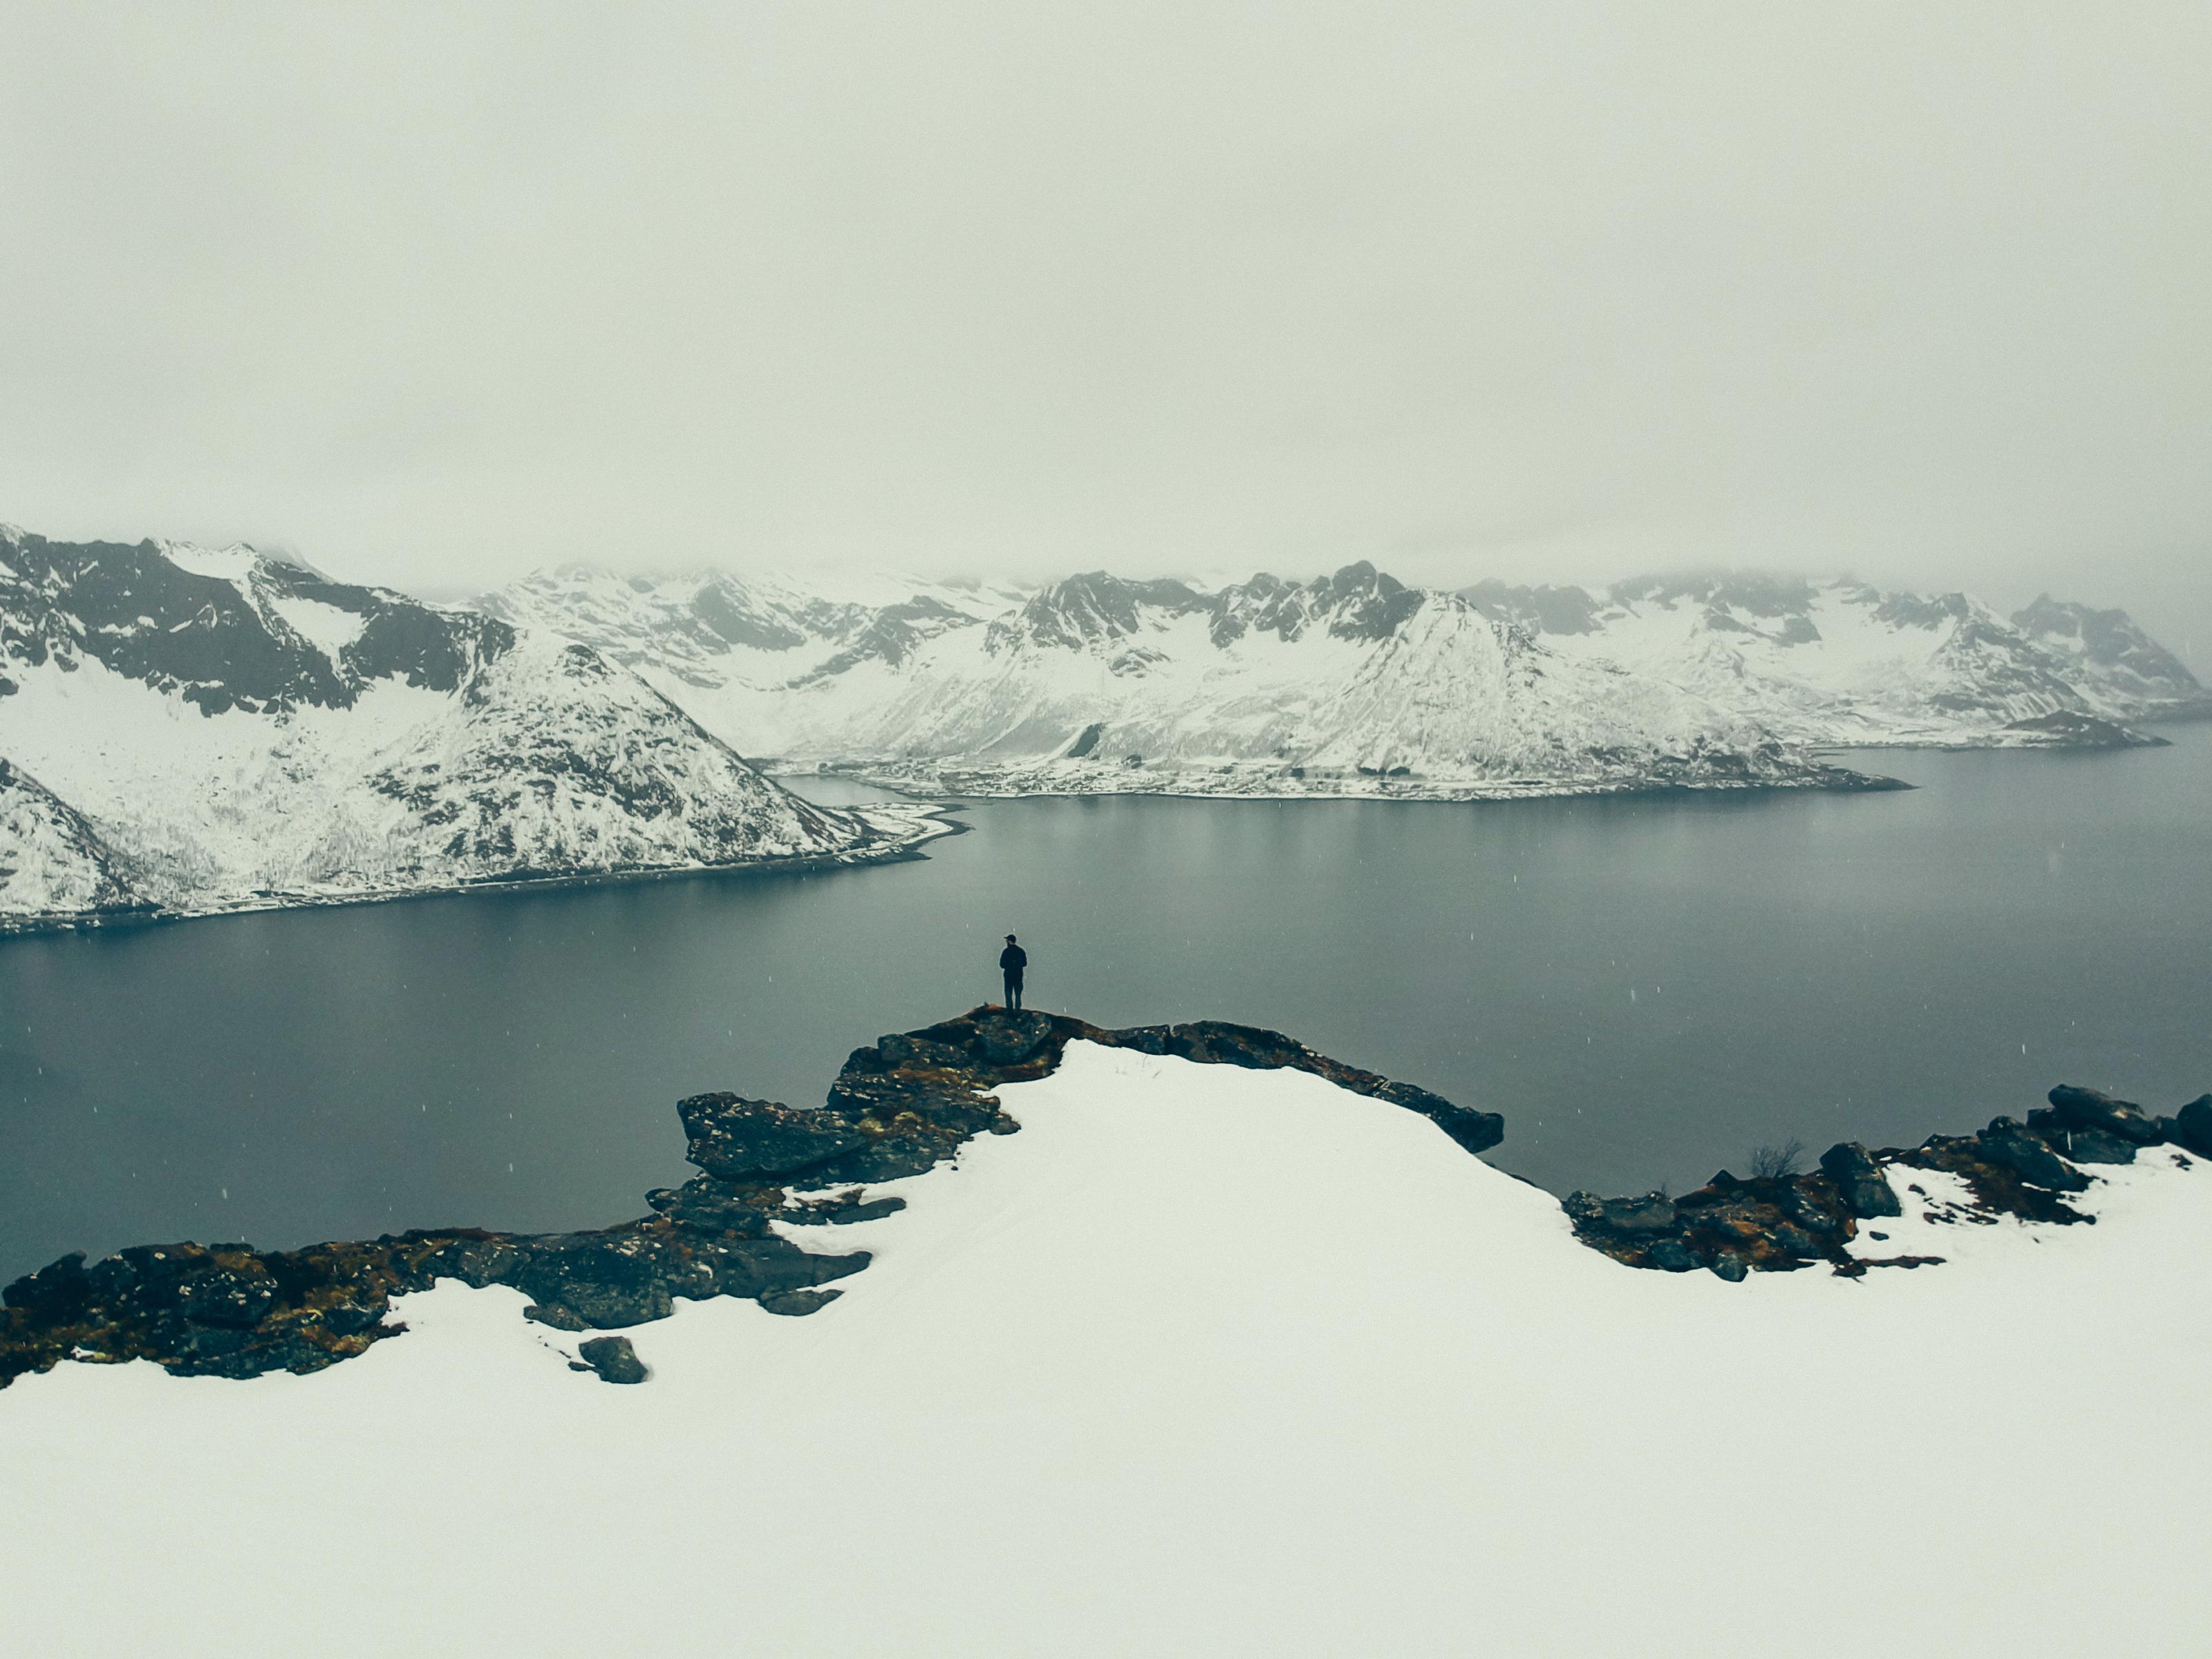 Mefjorden Winter